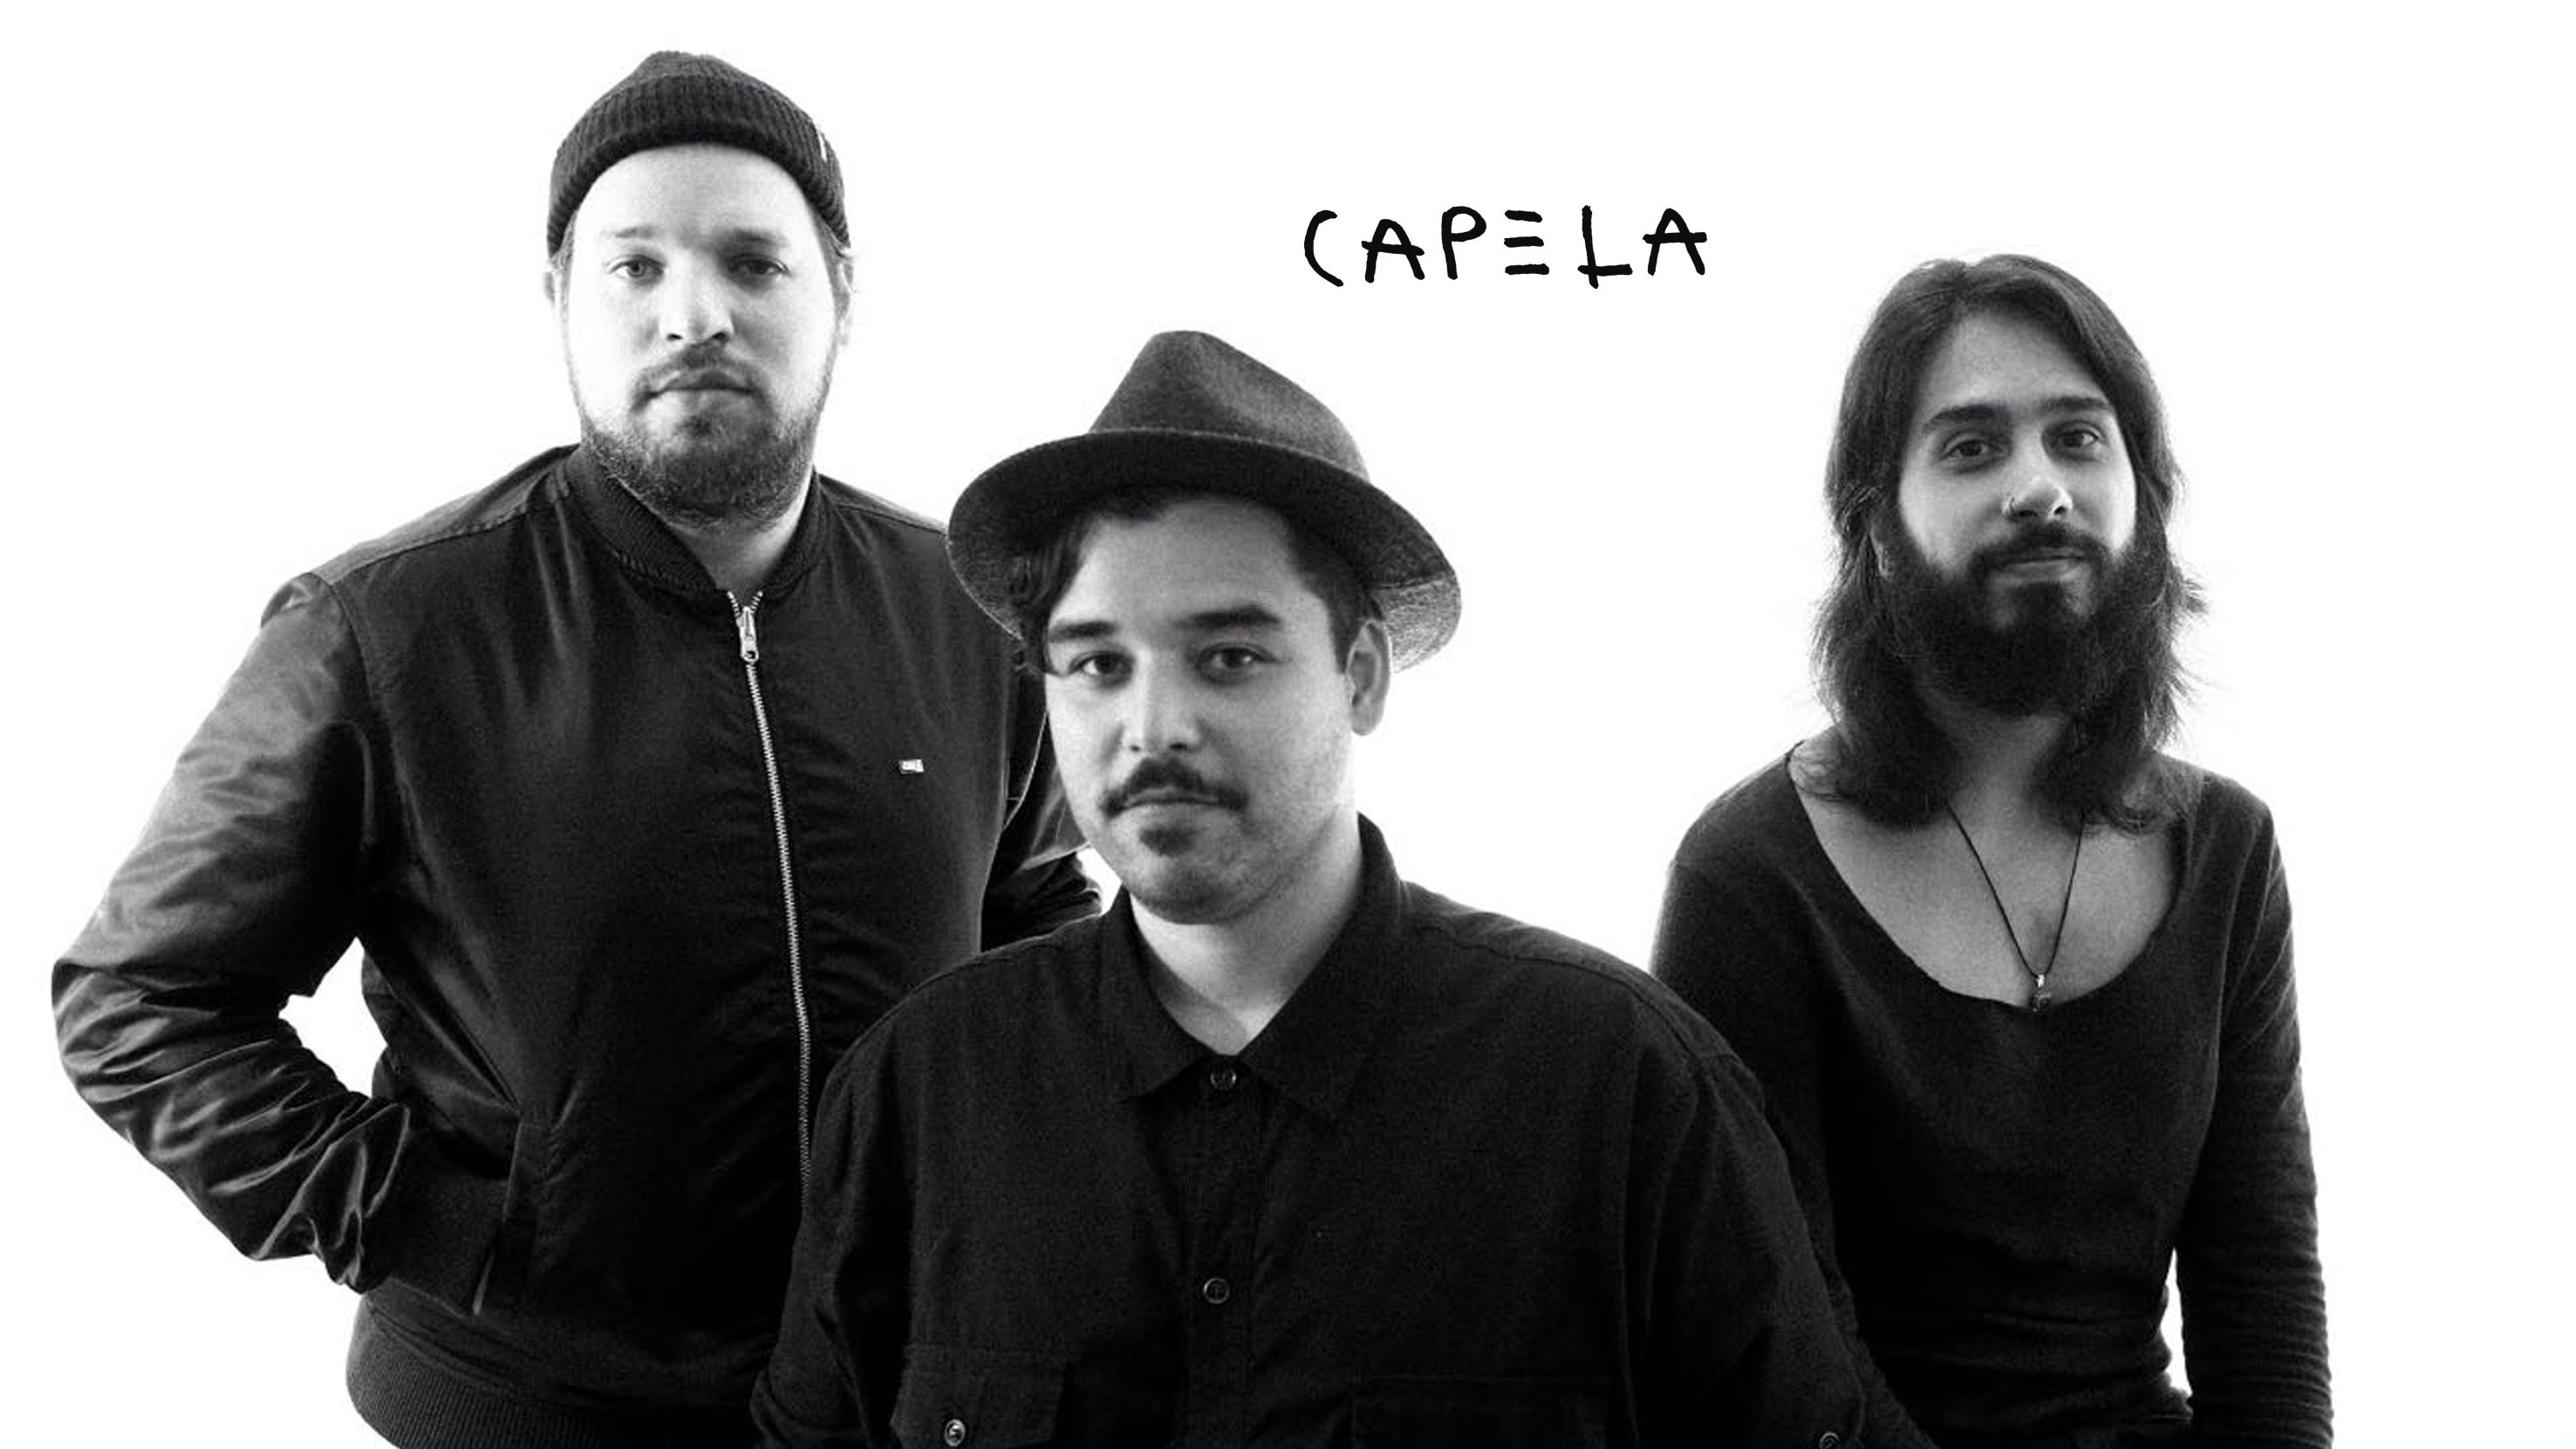 Banda Capela.